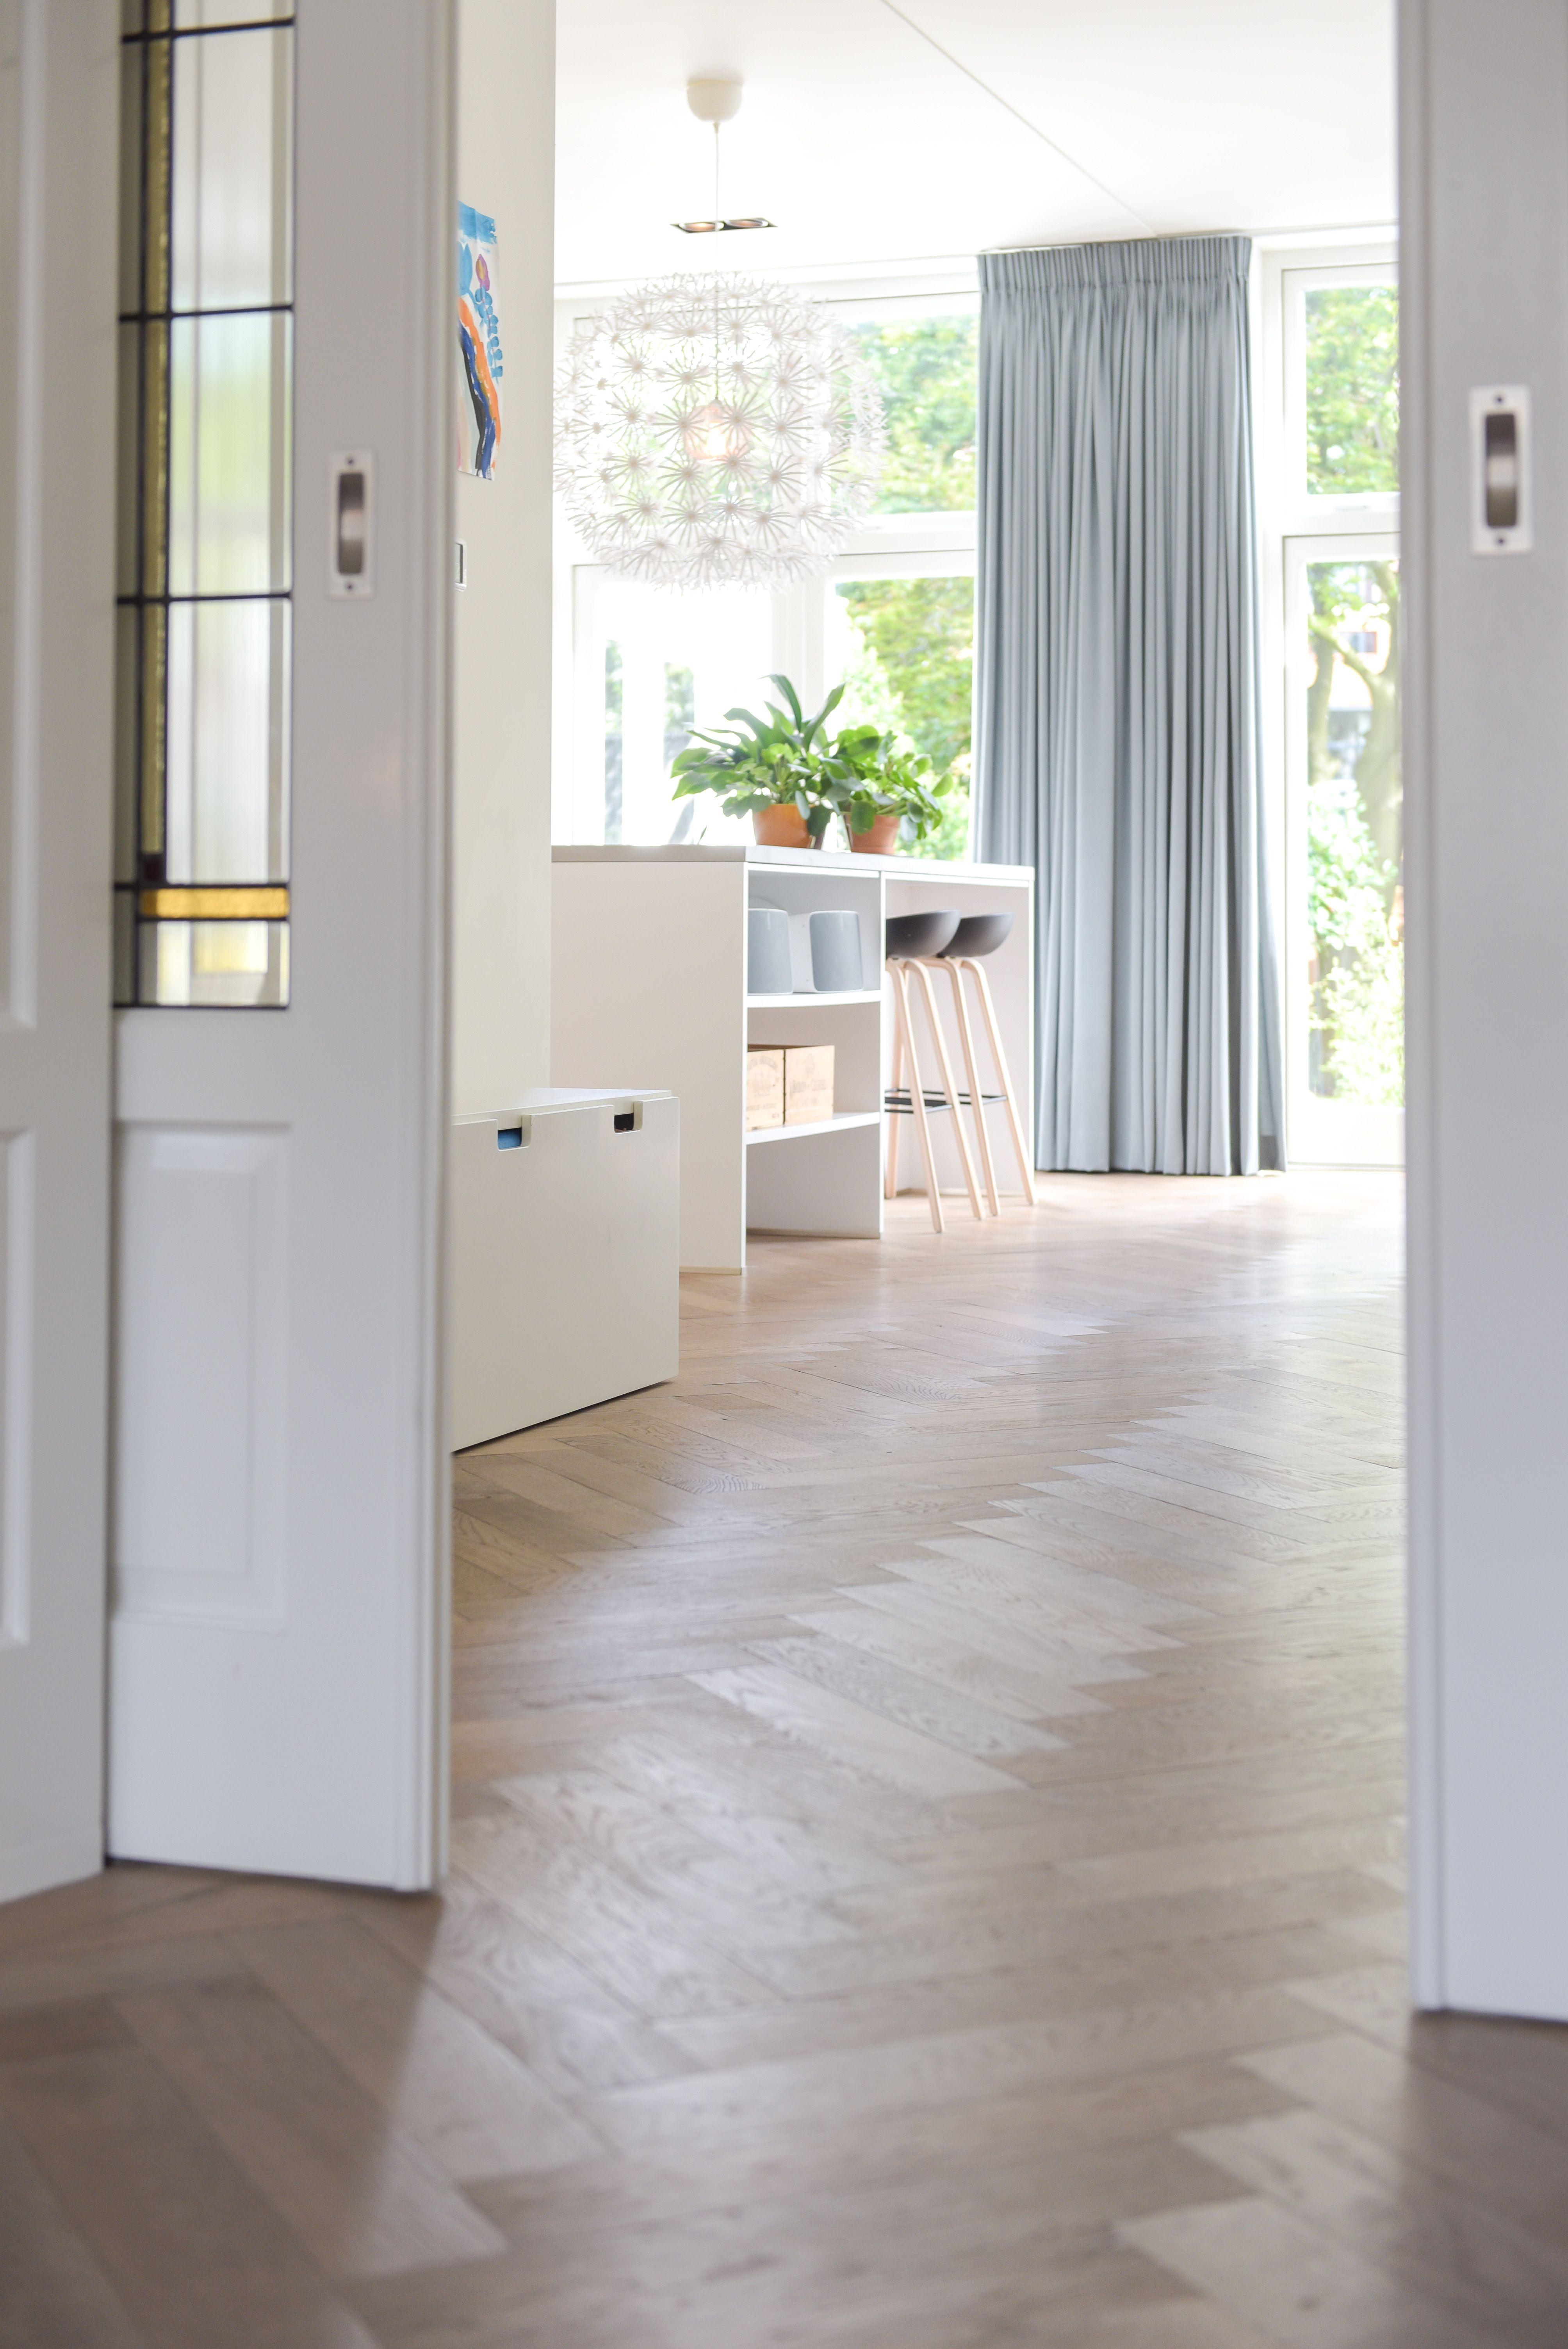 Eiken houten vloer gelegd in visgraad motief in jaren 30 woning woonkeuken en woonkamer worden - Scheiden een kamer door een gordijn ...